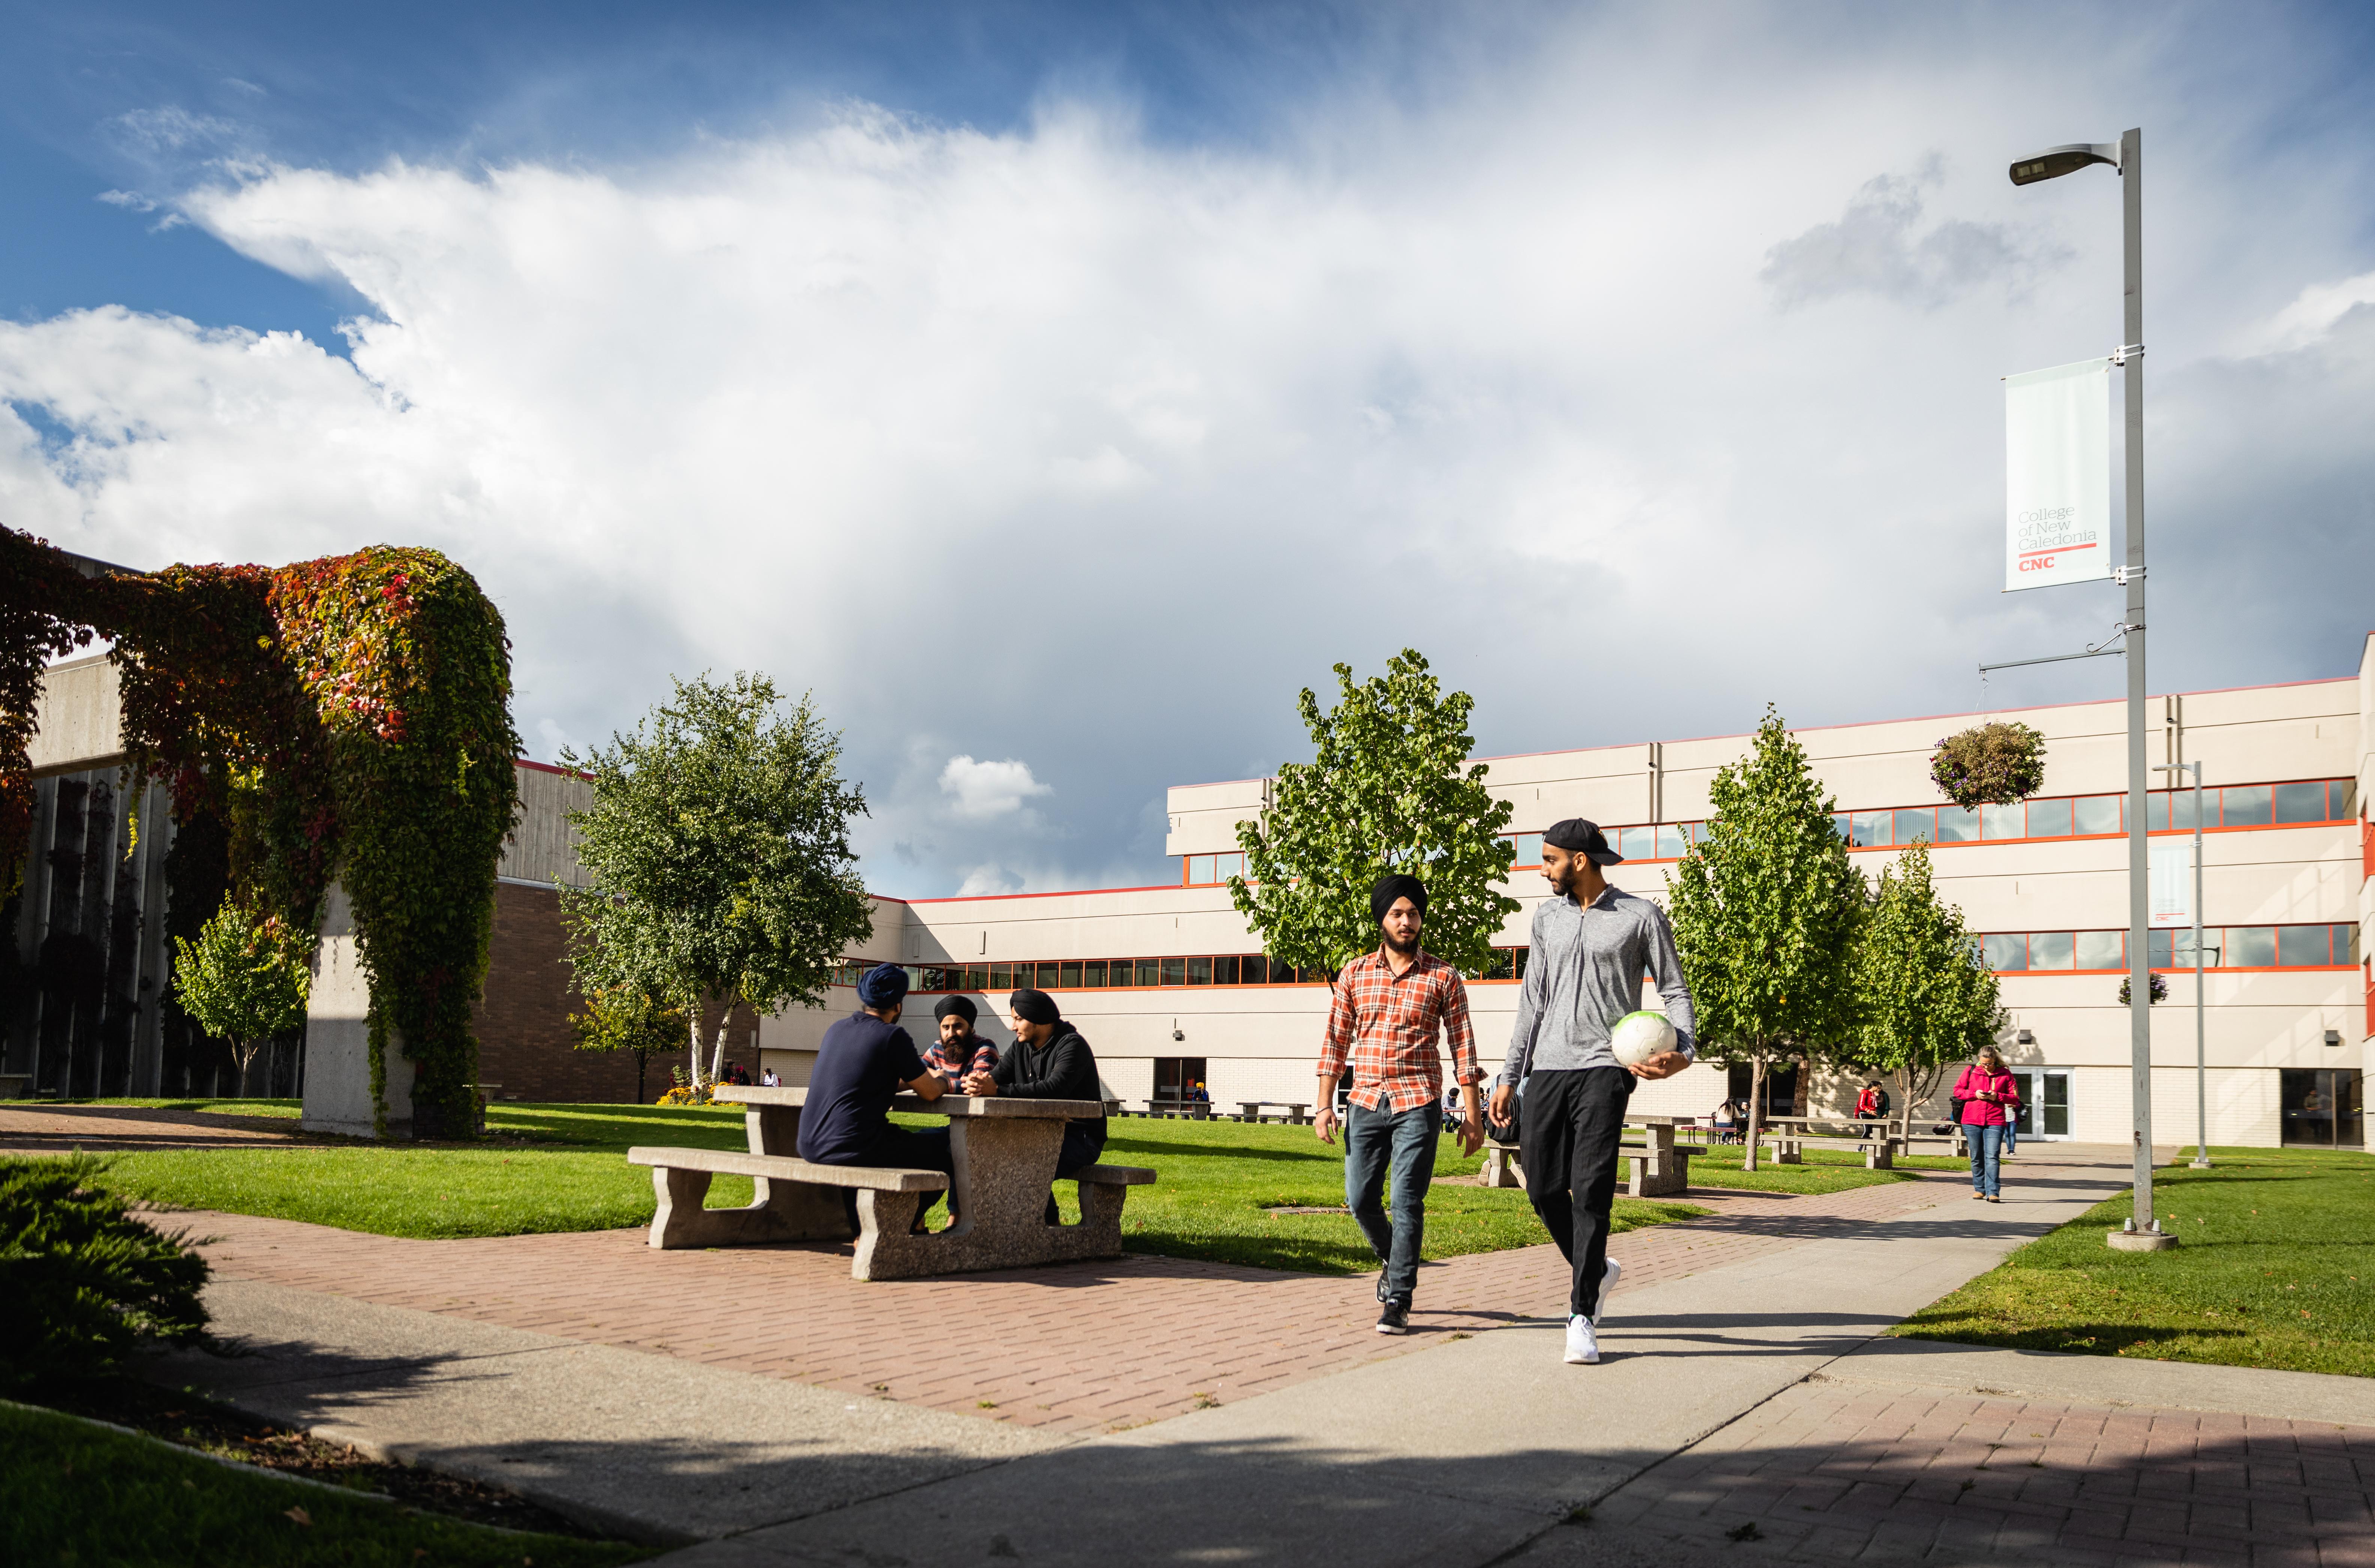 Campus Life PG 13